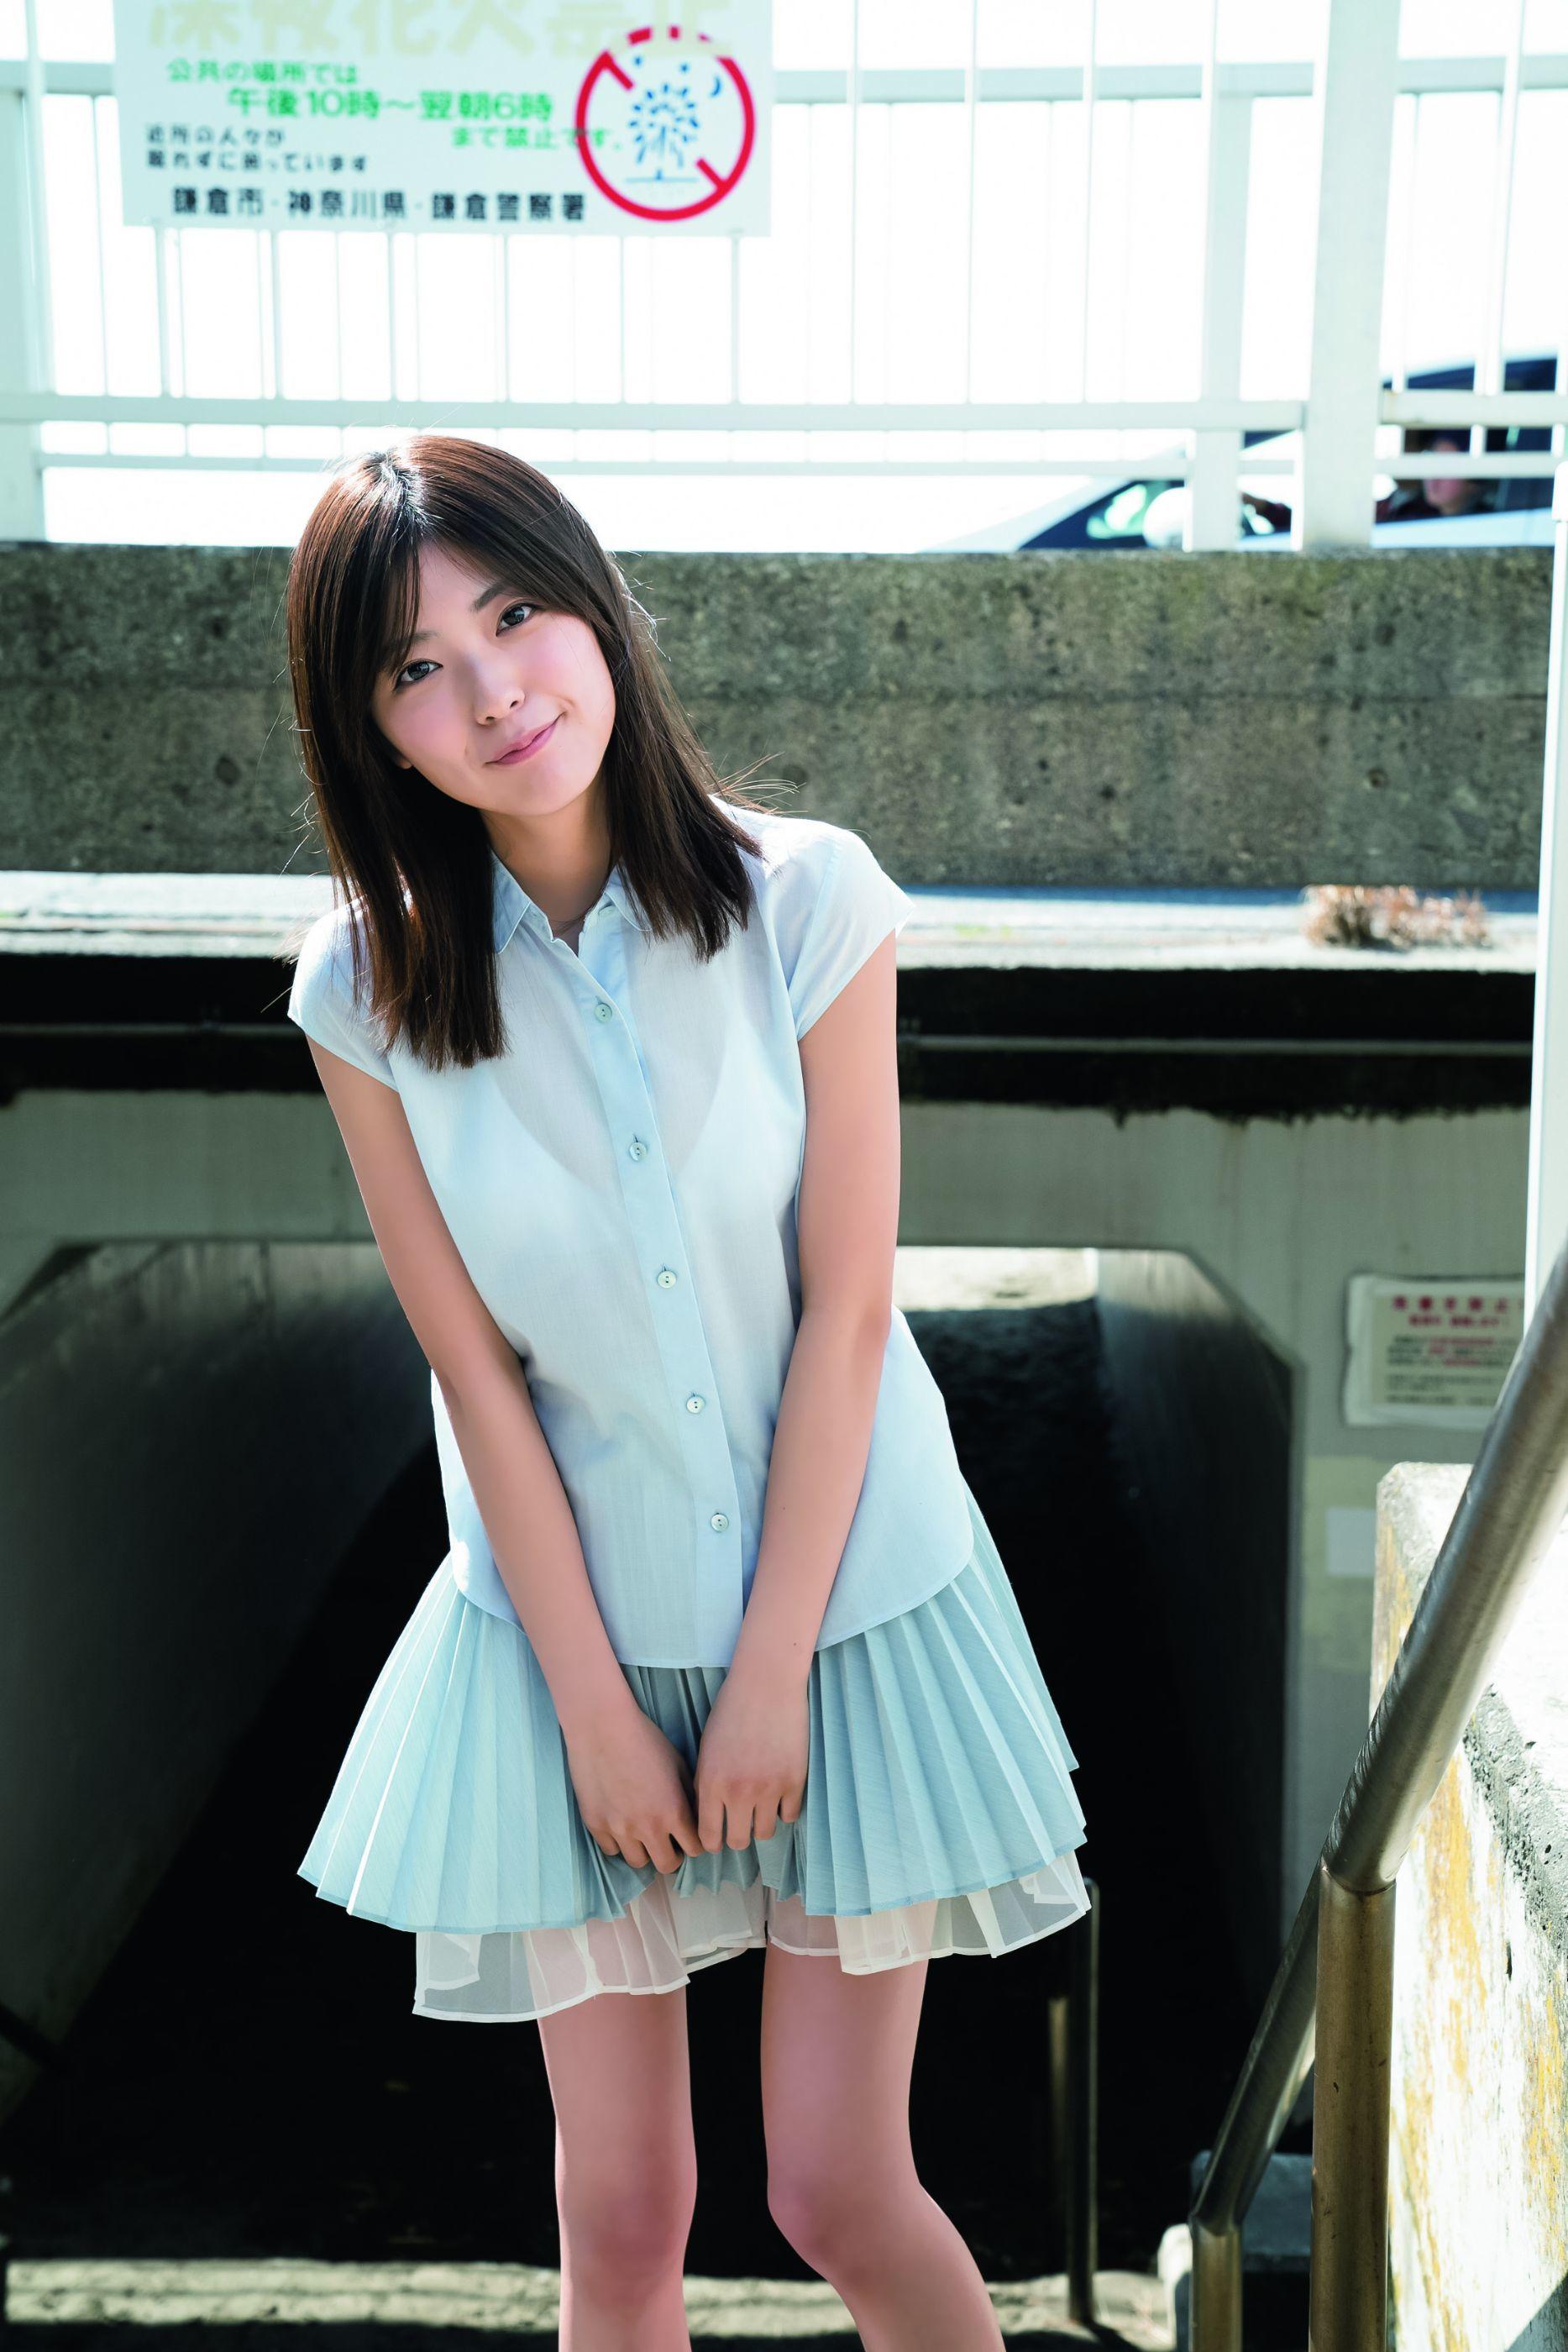 工藤美桜の画像 p1_39